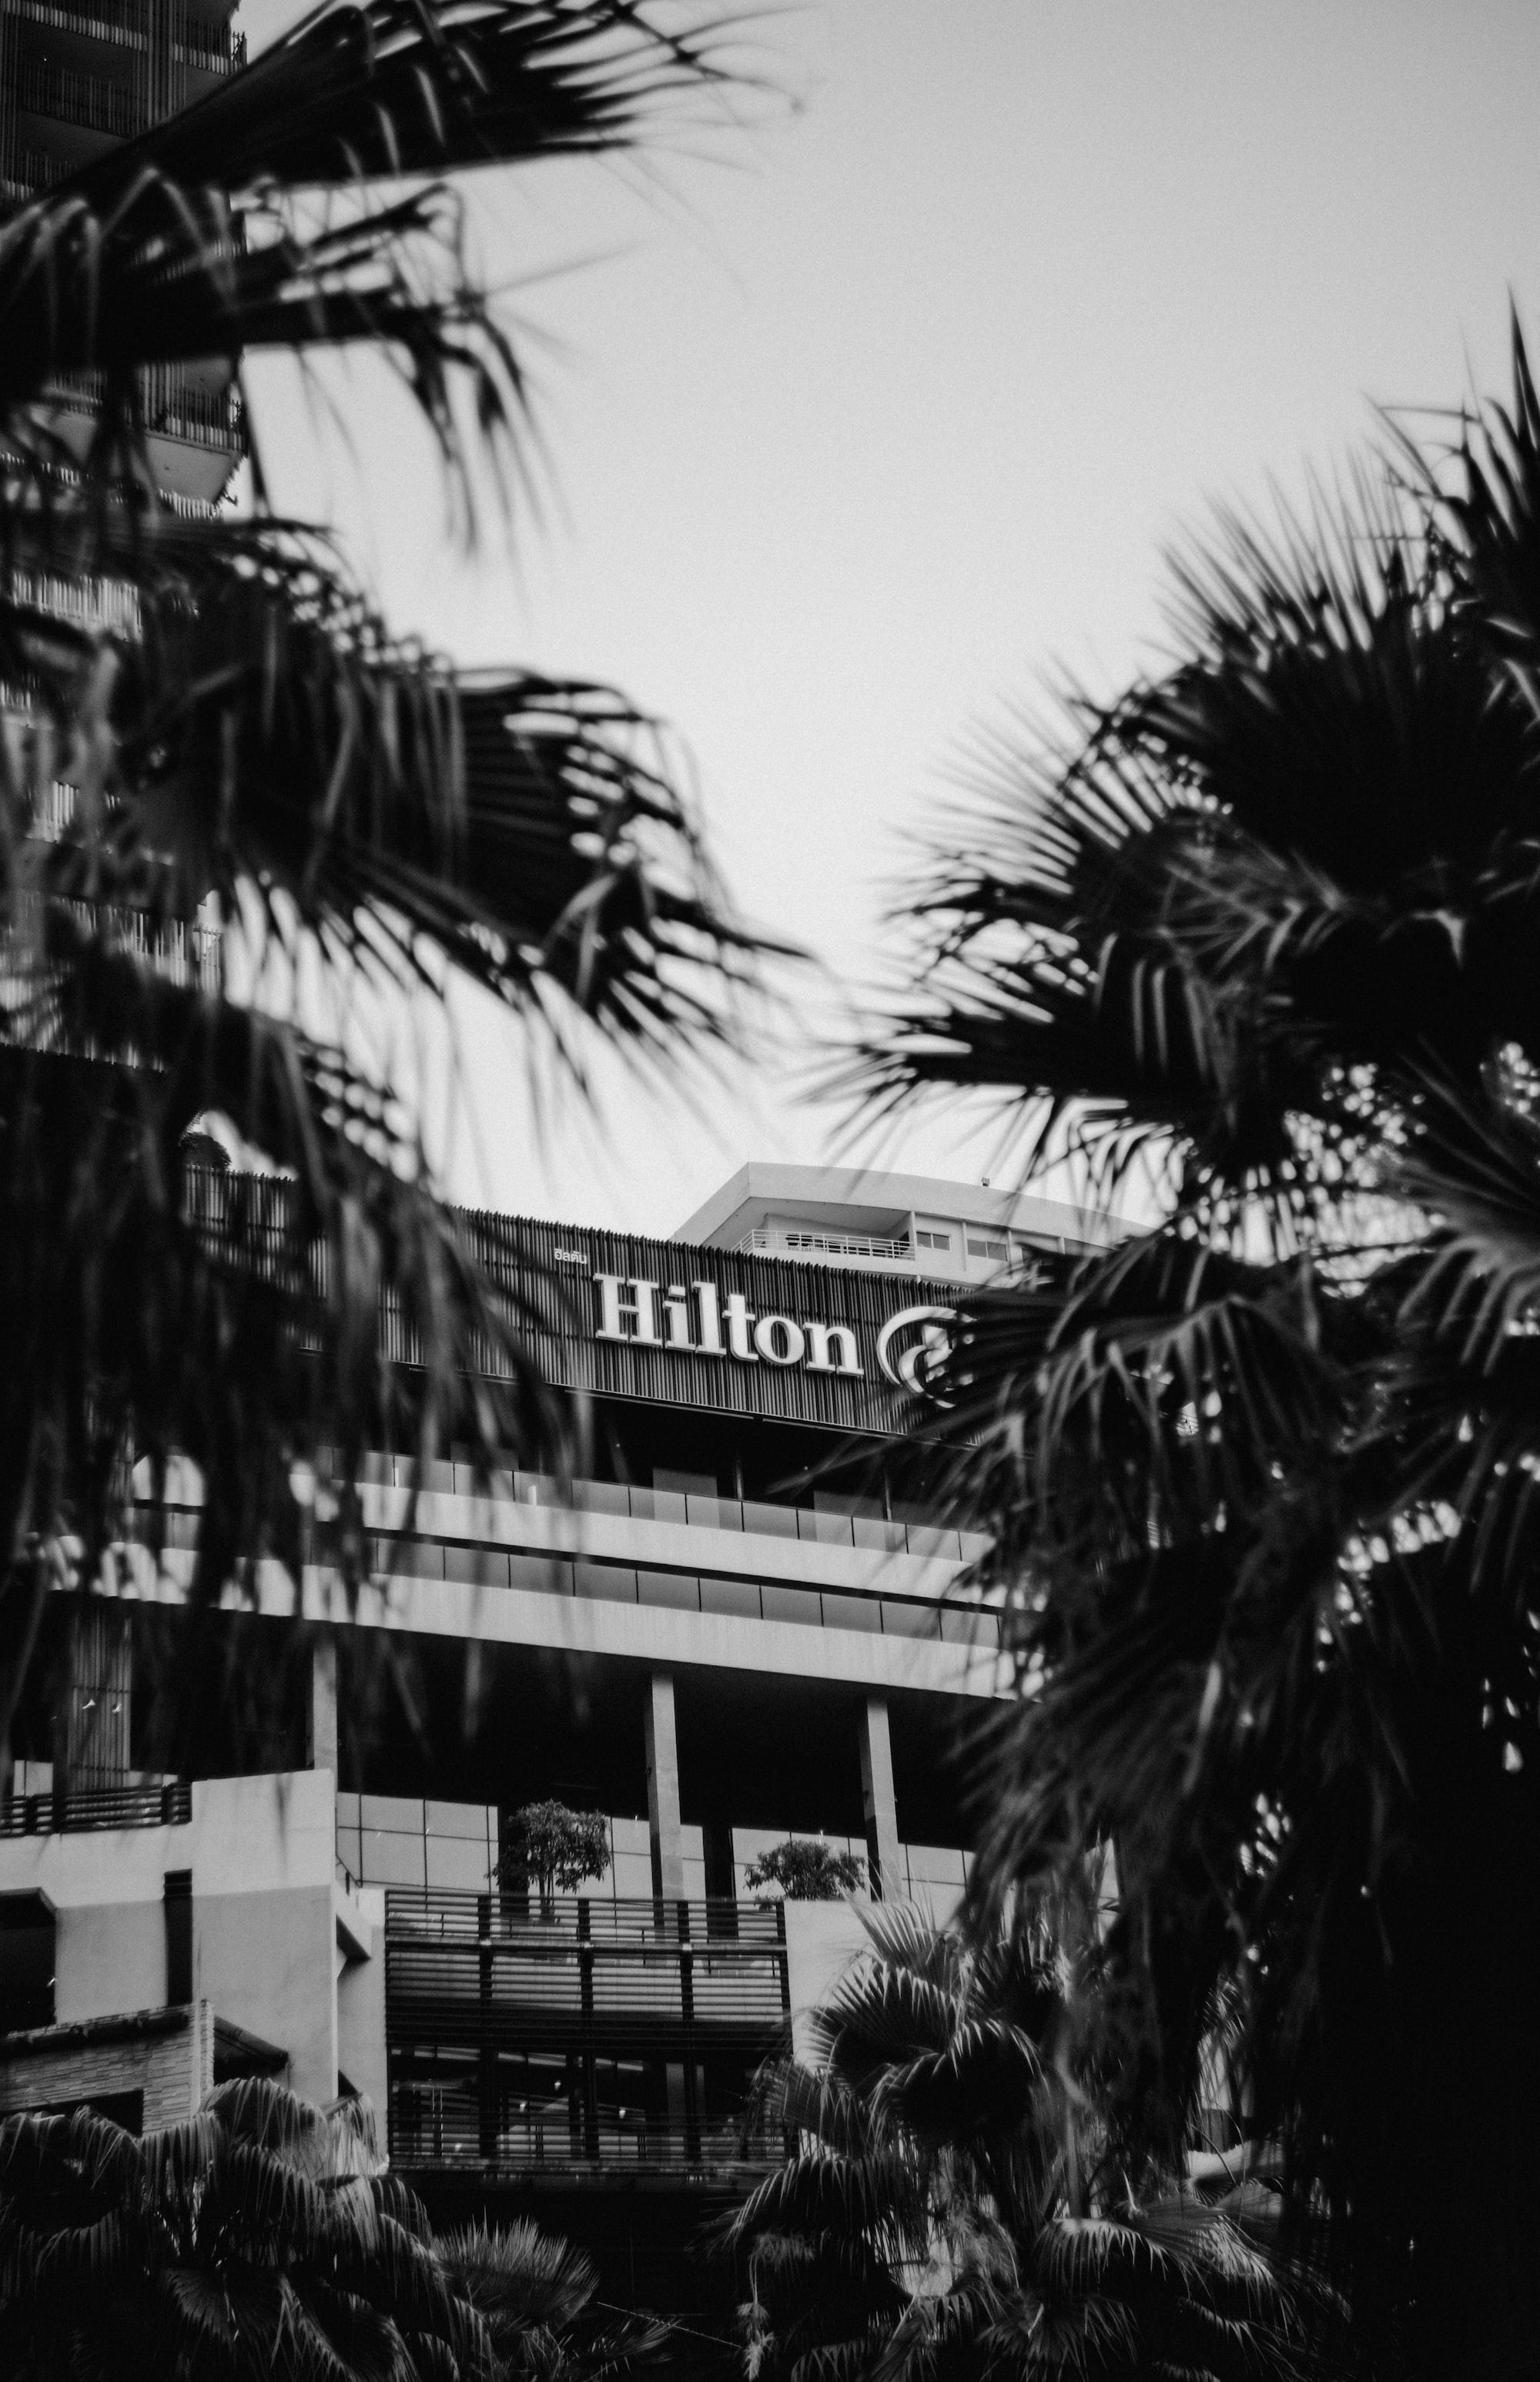 De fantastische voordelen van het loyaliteitsprogramma van Hilton